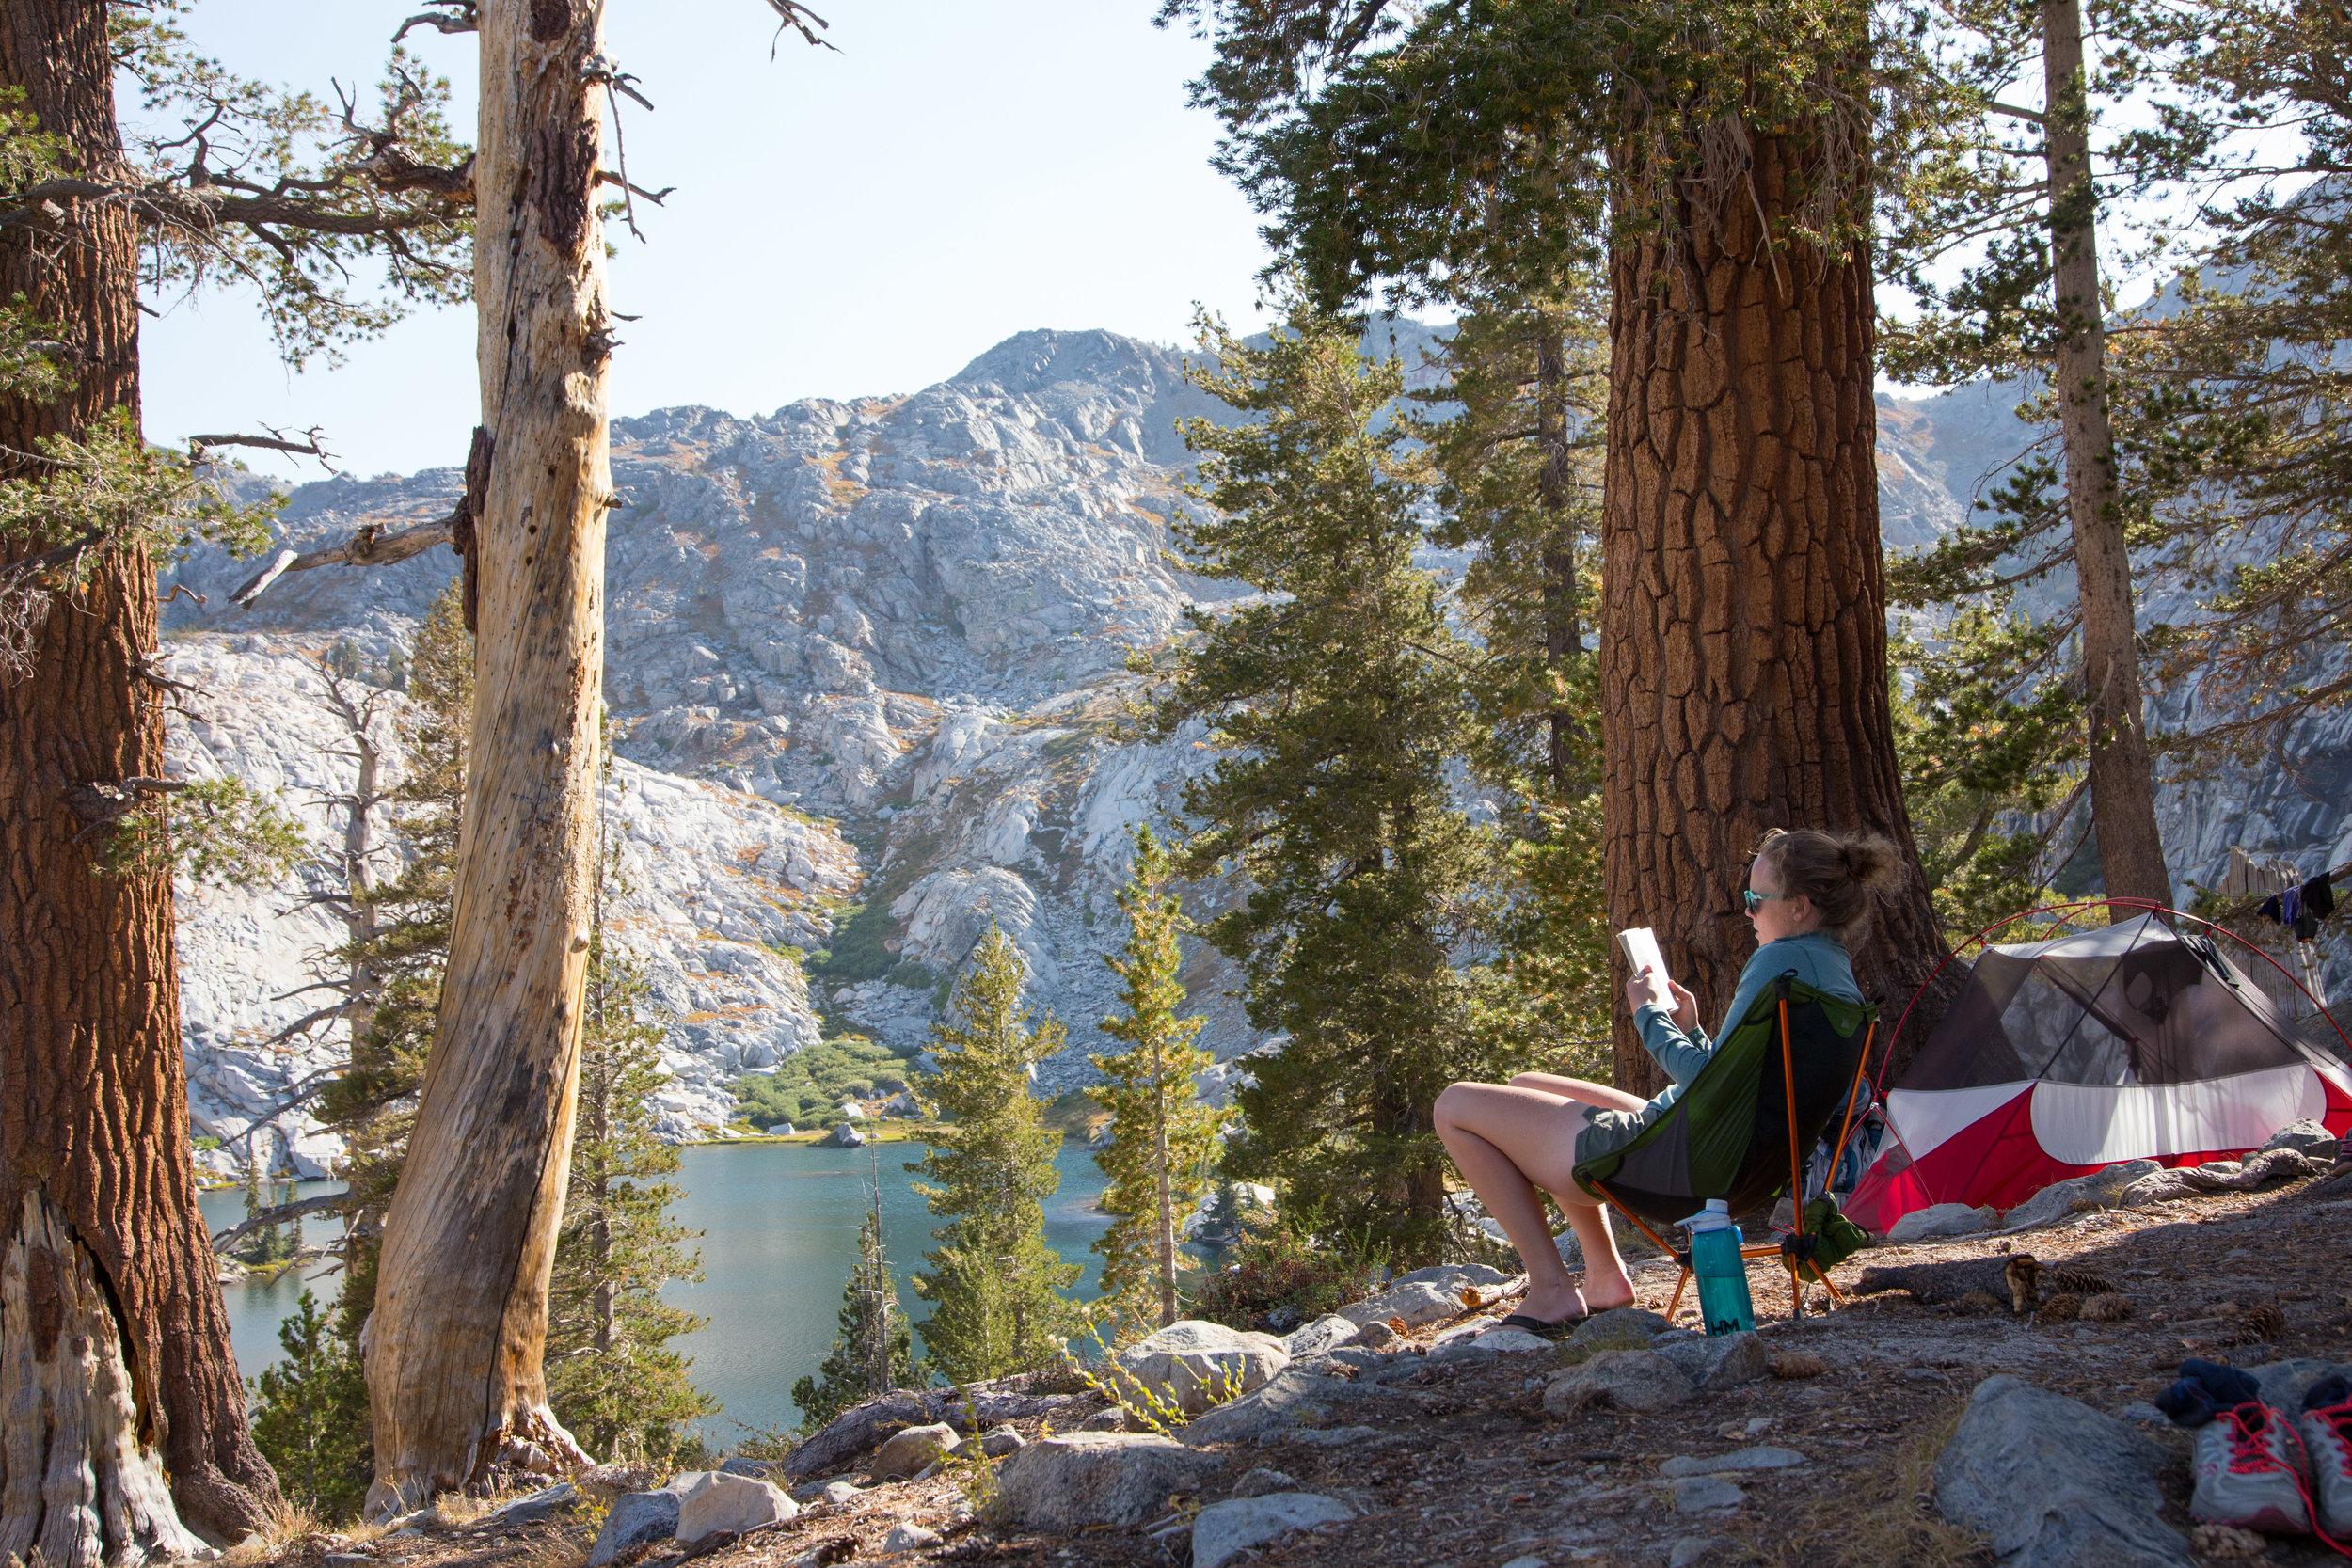 YWAM Yosemite Camping